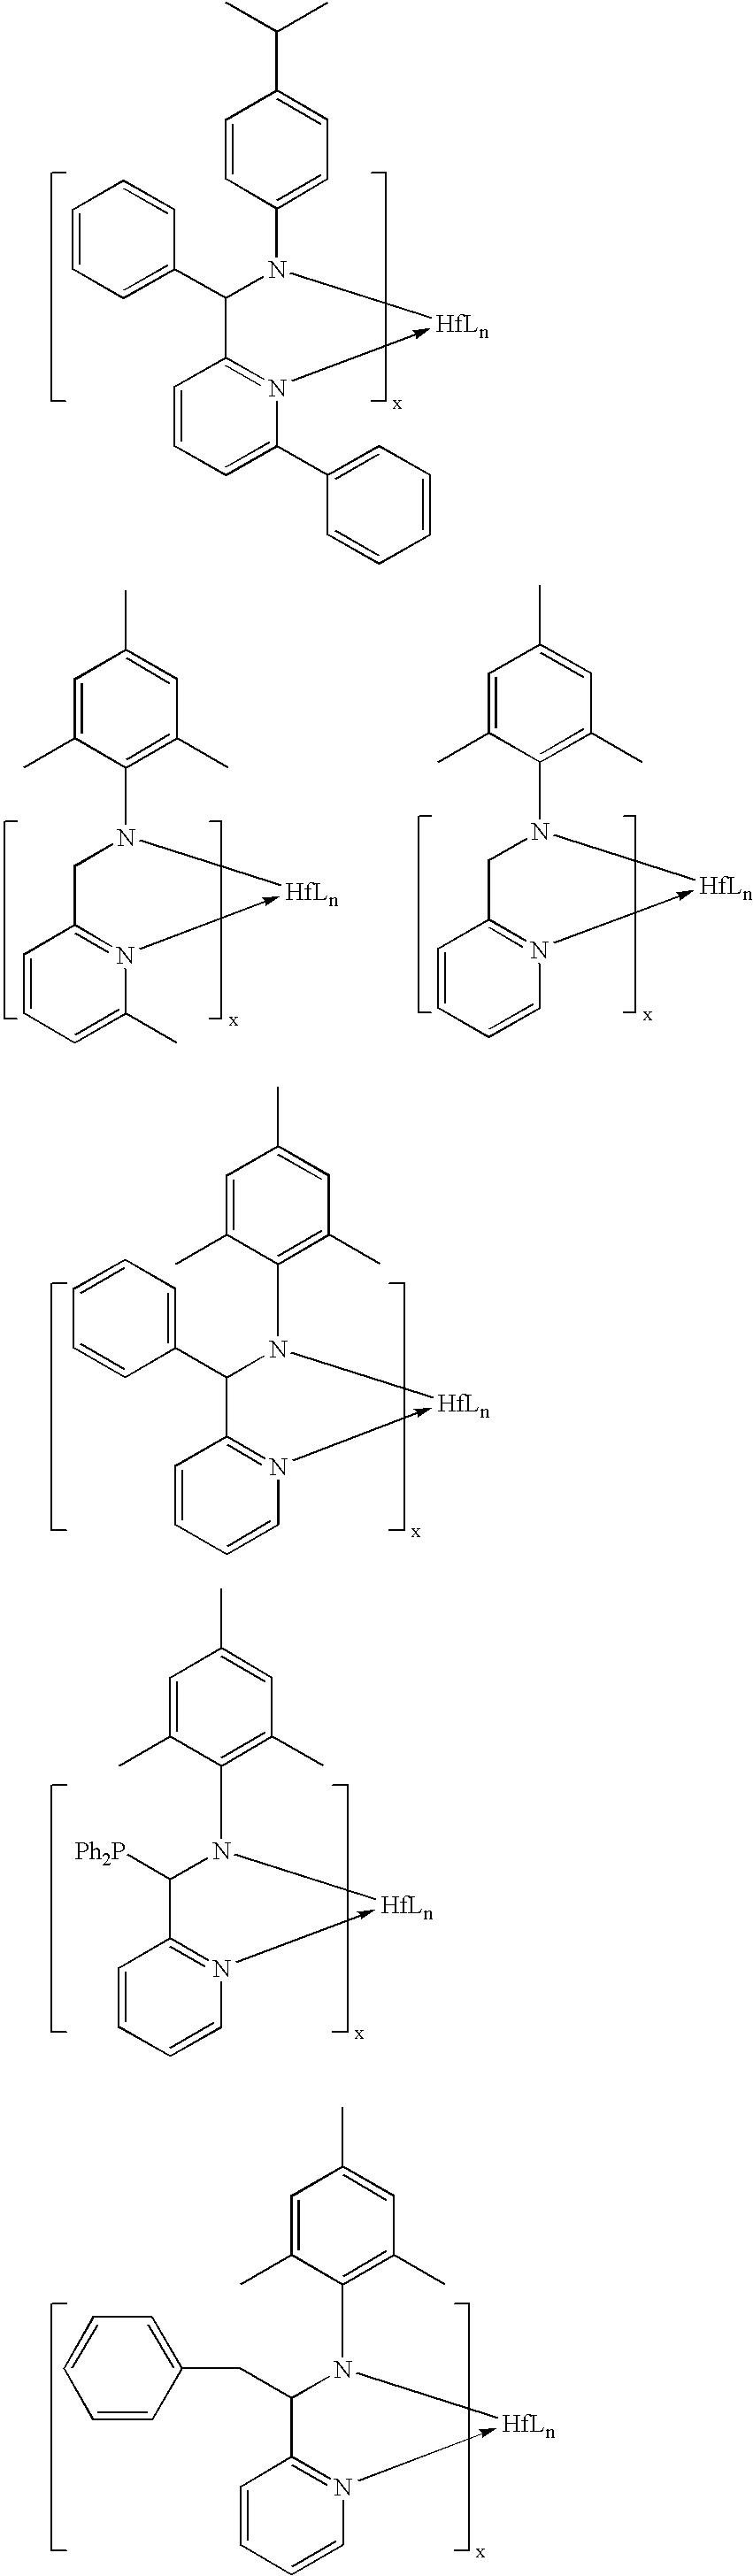 Figure US07250470-20070731-C00016